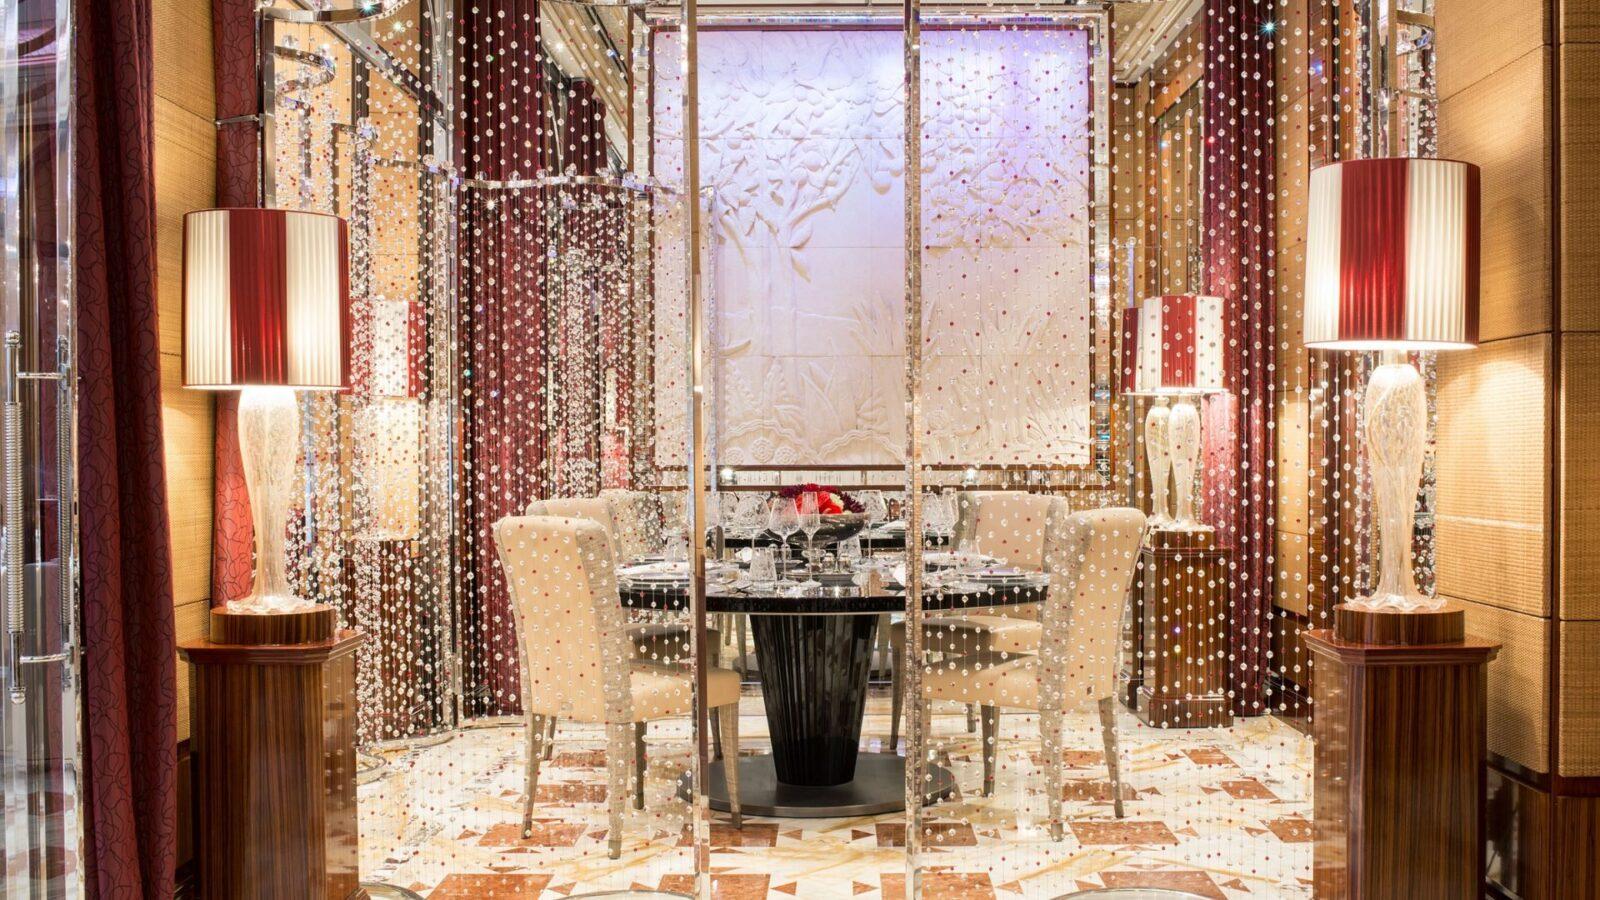 Tavolo cristallo the beverly hills hotel dorchester collection - Tavolo cristallo ...